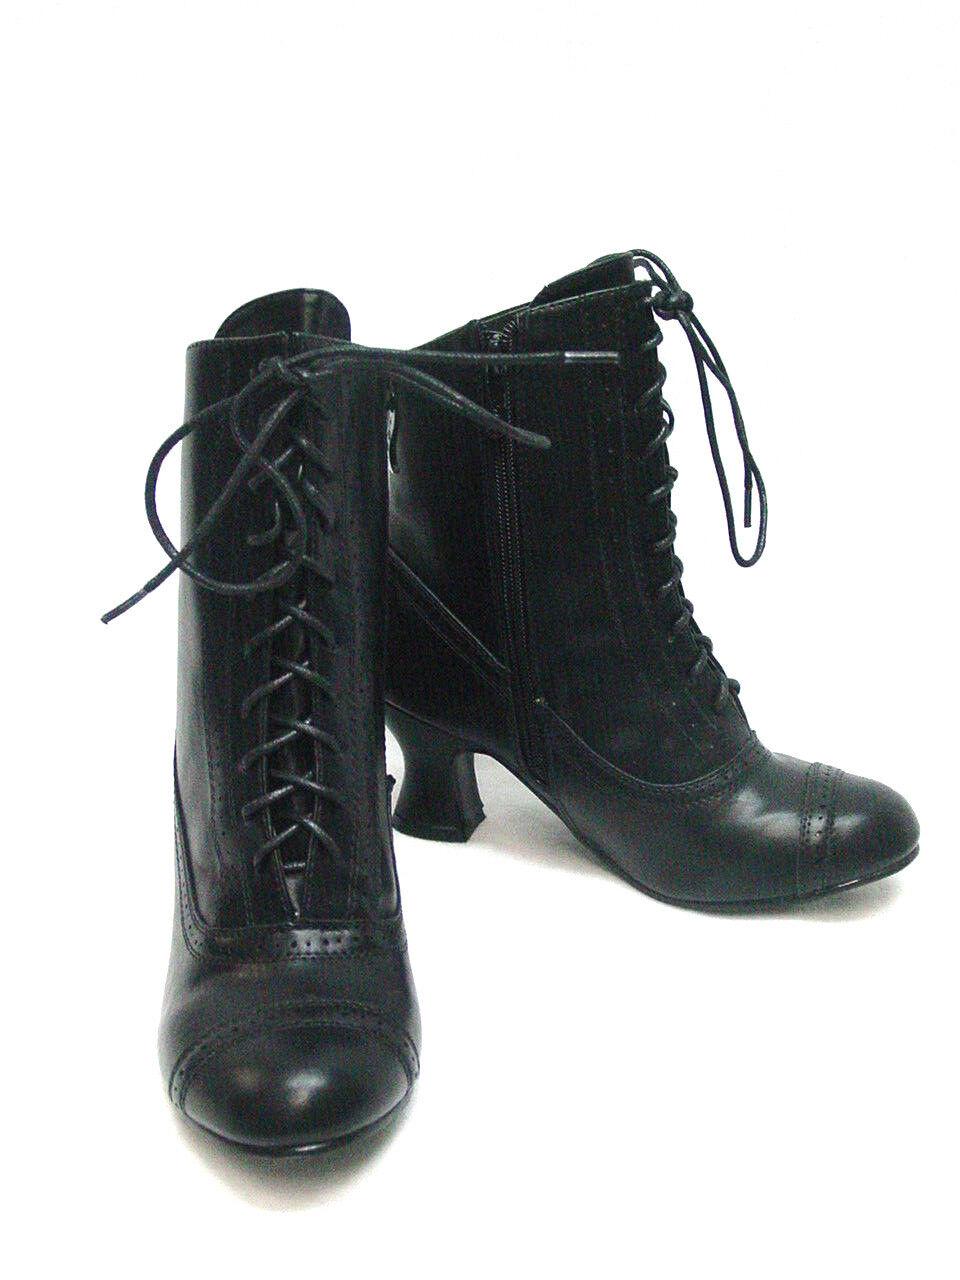 Viktorianska Viktorianska Viktorianska Granny Boot -liknande svarta spetsbyxor med gylf Faux Vegan pläder ny  shoppa nu